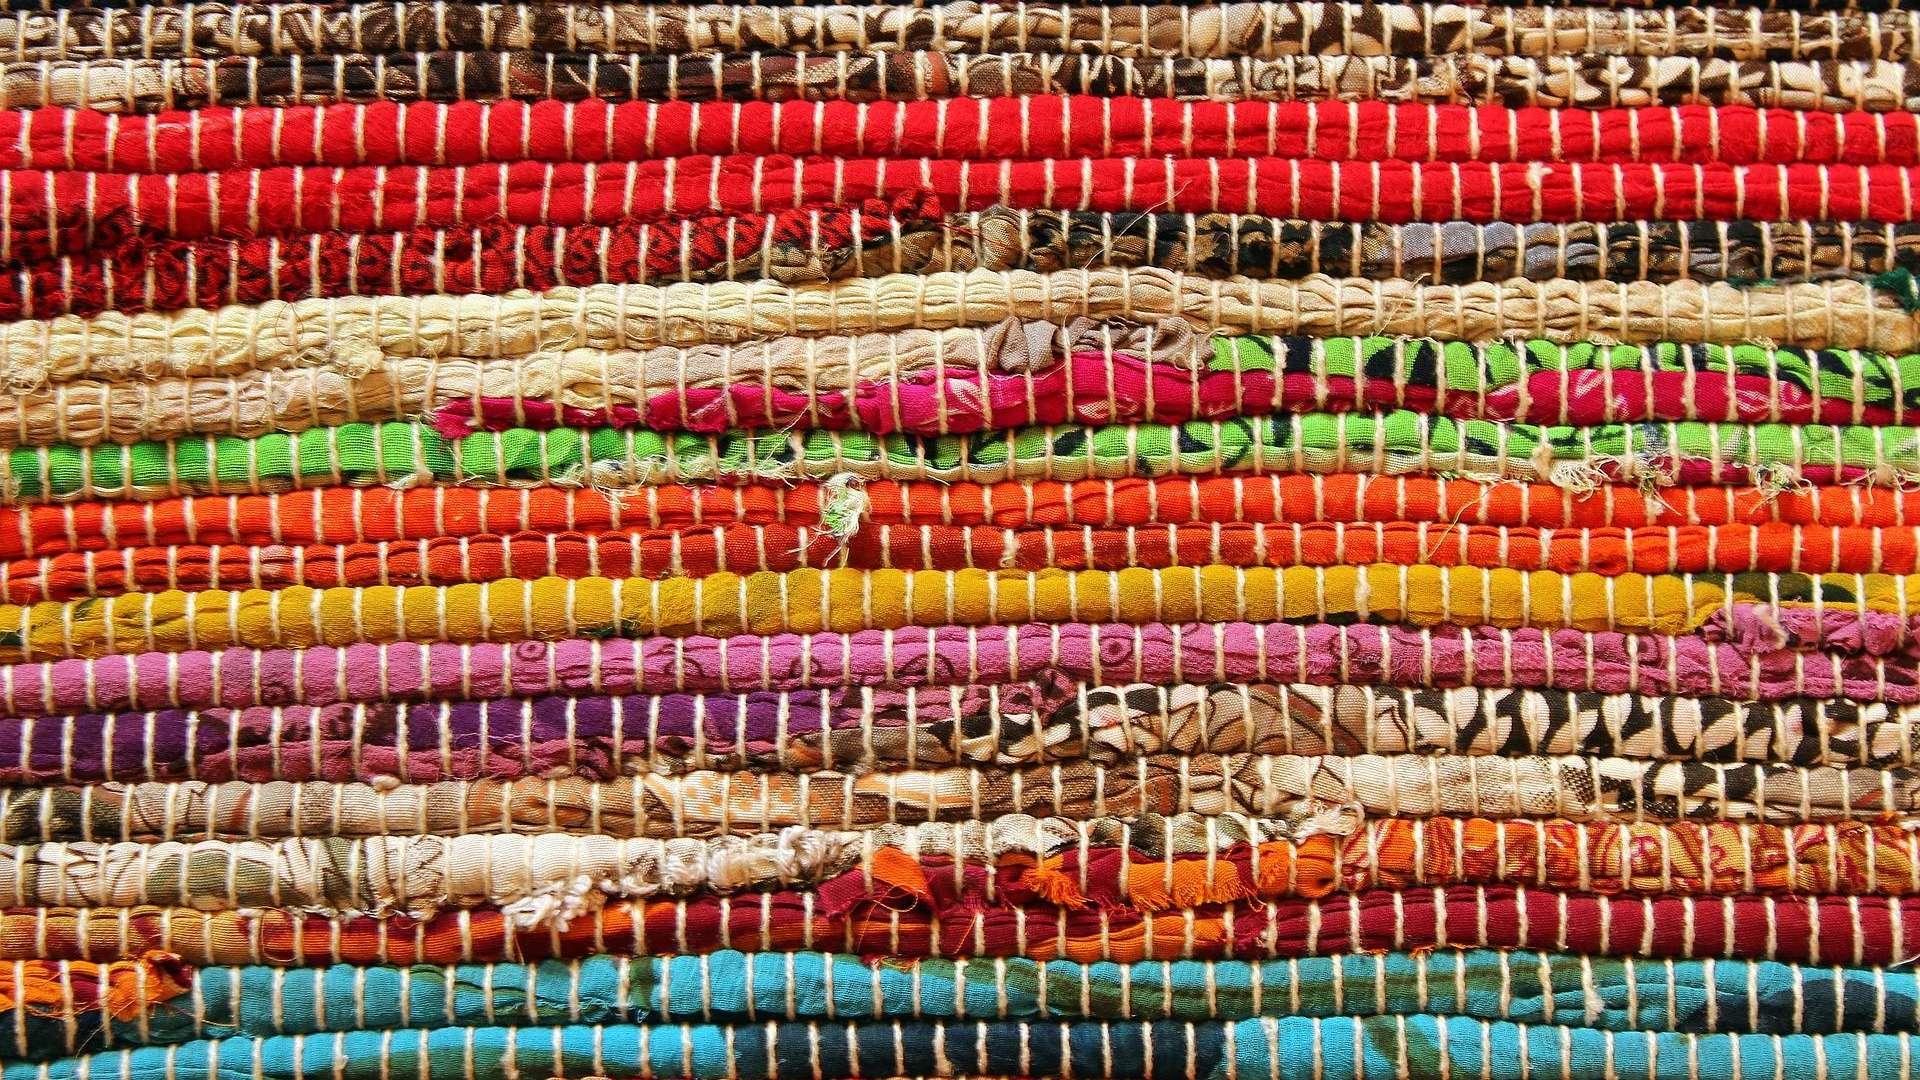 Värikäs raidallinen räsymatto. Matossa on monenvärisiä raitoja muun muassa sinistä, punaista ja keltaista.